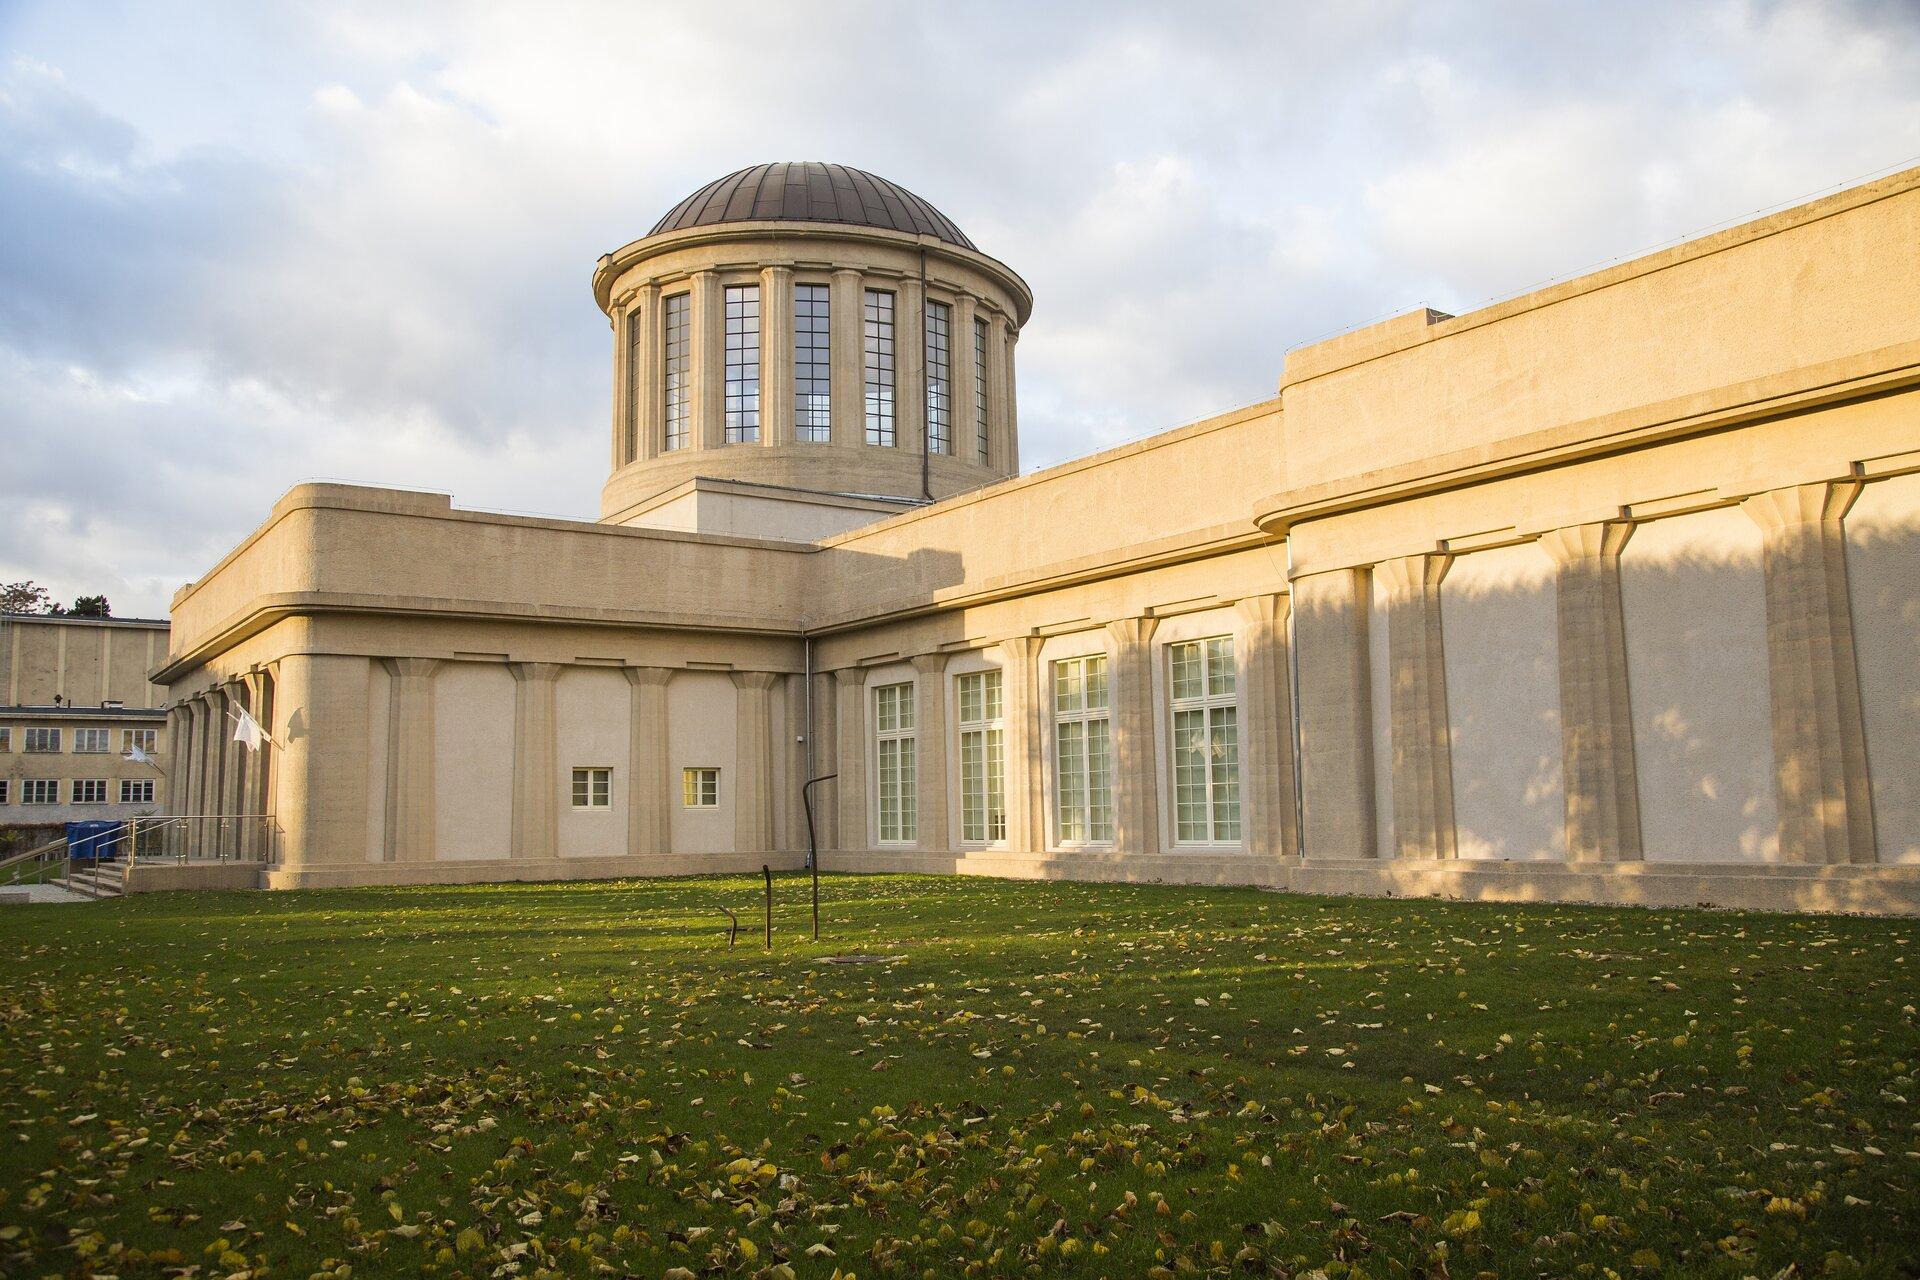 Ilustracja przedstawia Pawilon Czterech Kopuł, oddział Muzeum Narodowego we Wrocławiu - widok zzewnątrz. Budynek jest koloru beżowego. Jest to niski budynek otoczony trawnikiem. Zlewej części ilustracji widać schody po których się wchodzi do środka. Wcentrum widać sześć okien (cztery duże idwa małe). Nad budynkiem wznosi się wysoka wieża zakończona kopułą. Zbudowana jest ona zmurowanych słupów, miedzy którymi umieszczone są okna.